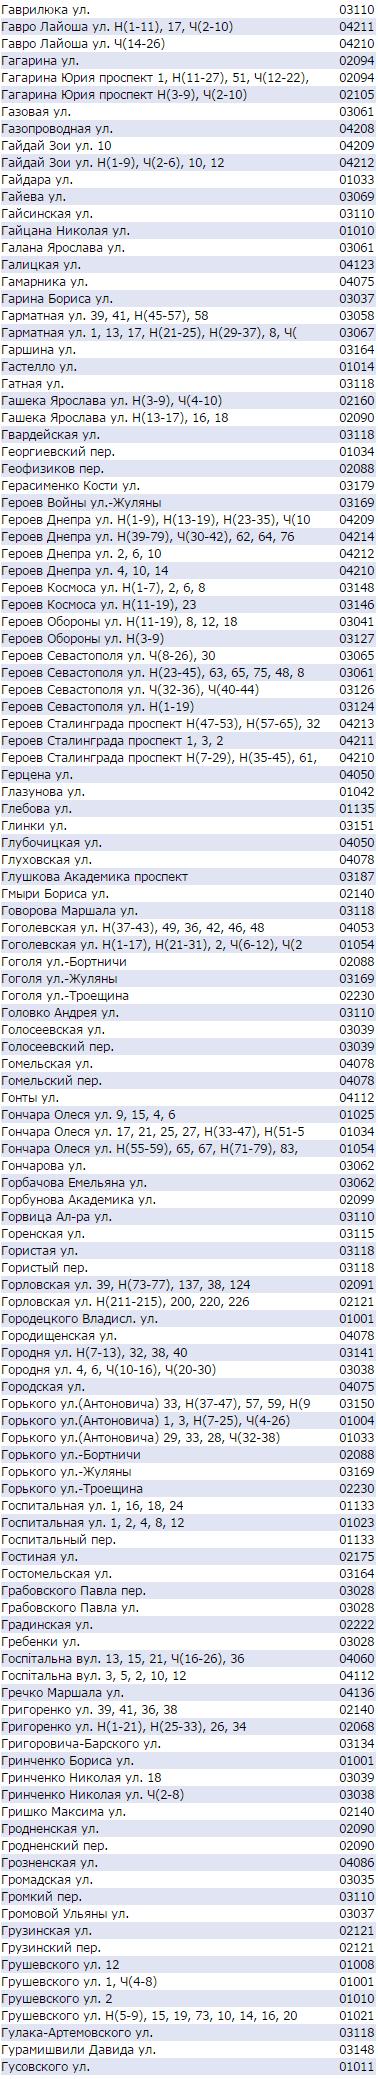 Почтовый индекс Киева по улицам - Гончара, Гагарина, Грушевского